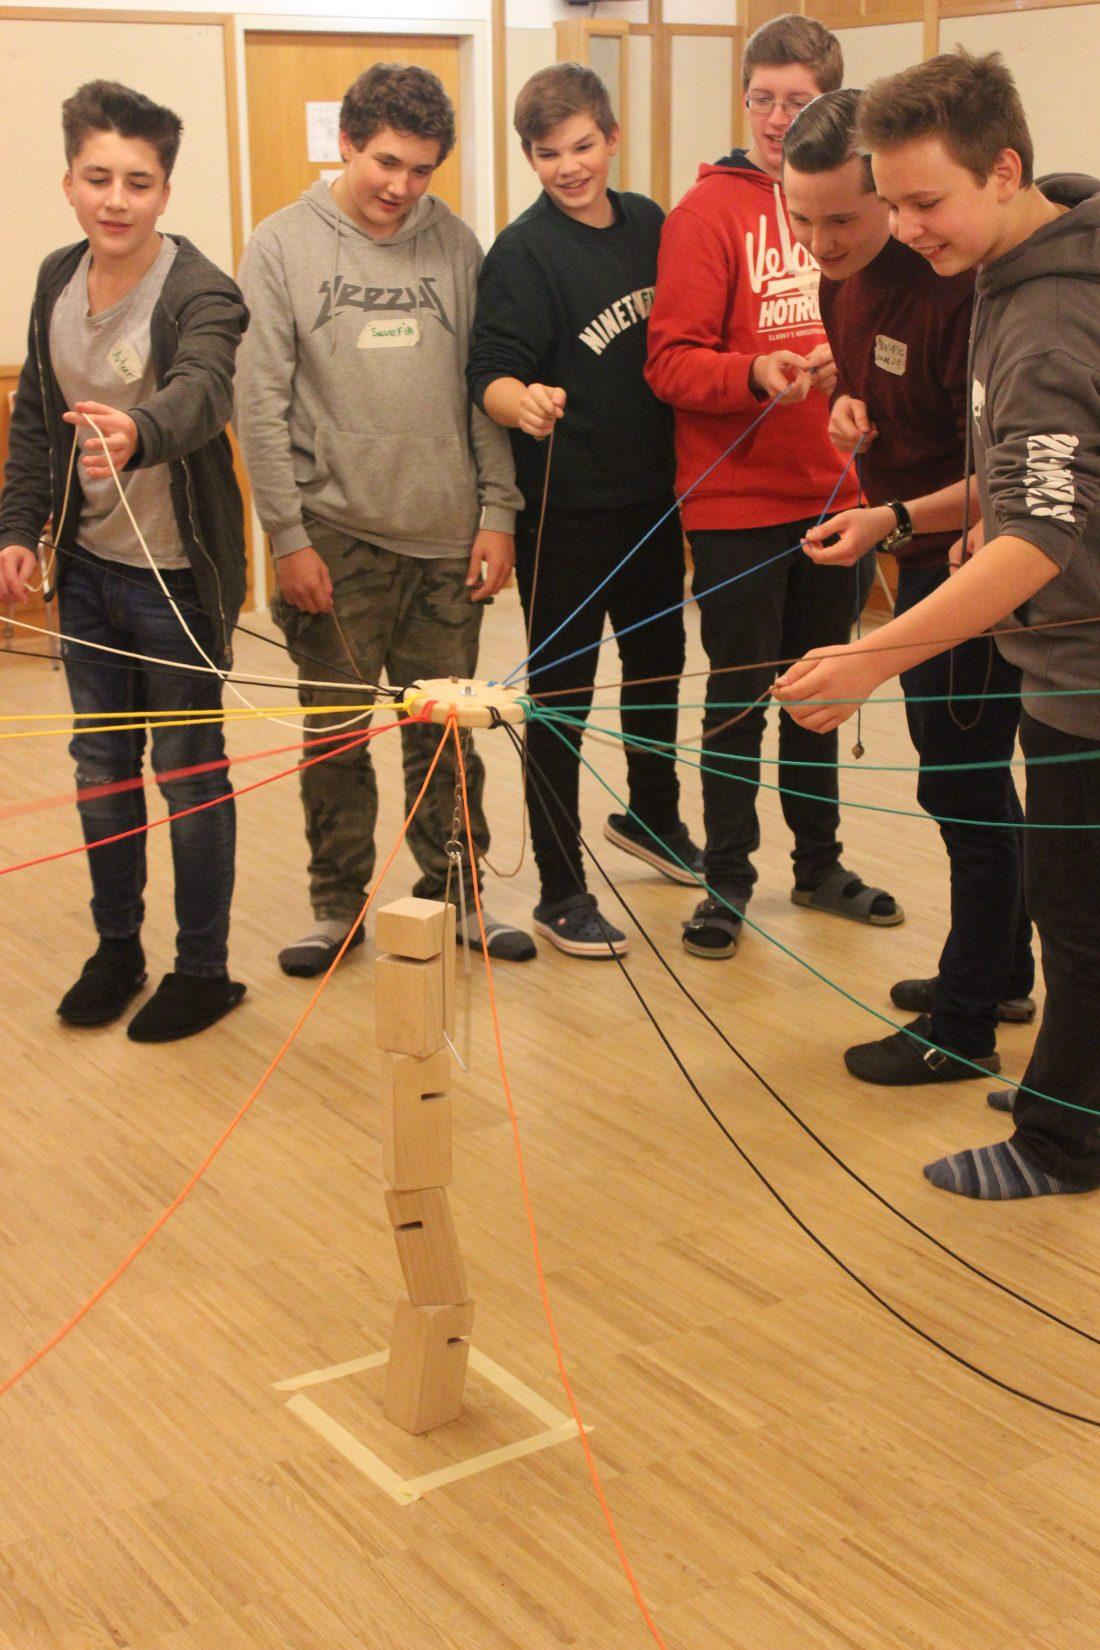 """Geschicklichkeit und Teamarbeit sind beim Bau des """"Tower of Power"""" wichtig. Diese Klasse hat es gemeinsam geschafft!"""